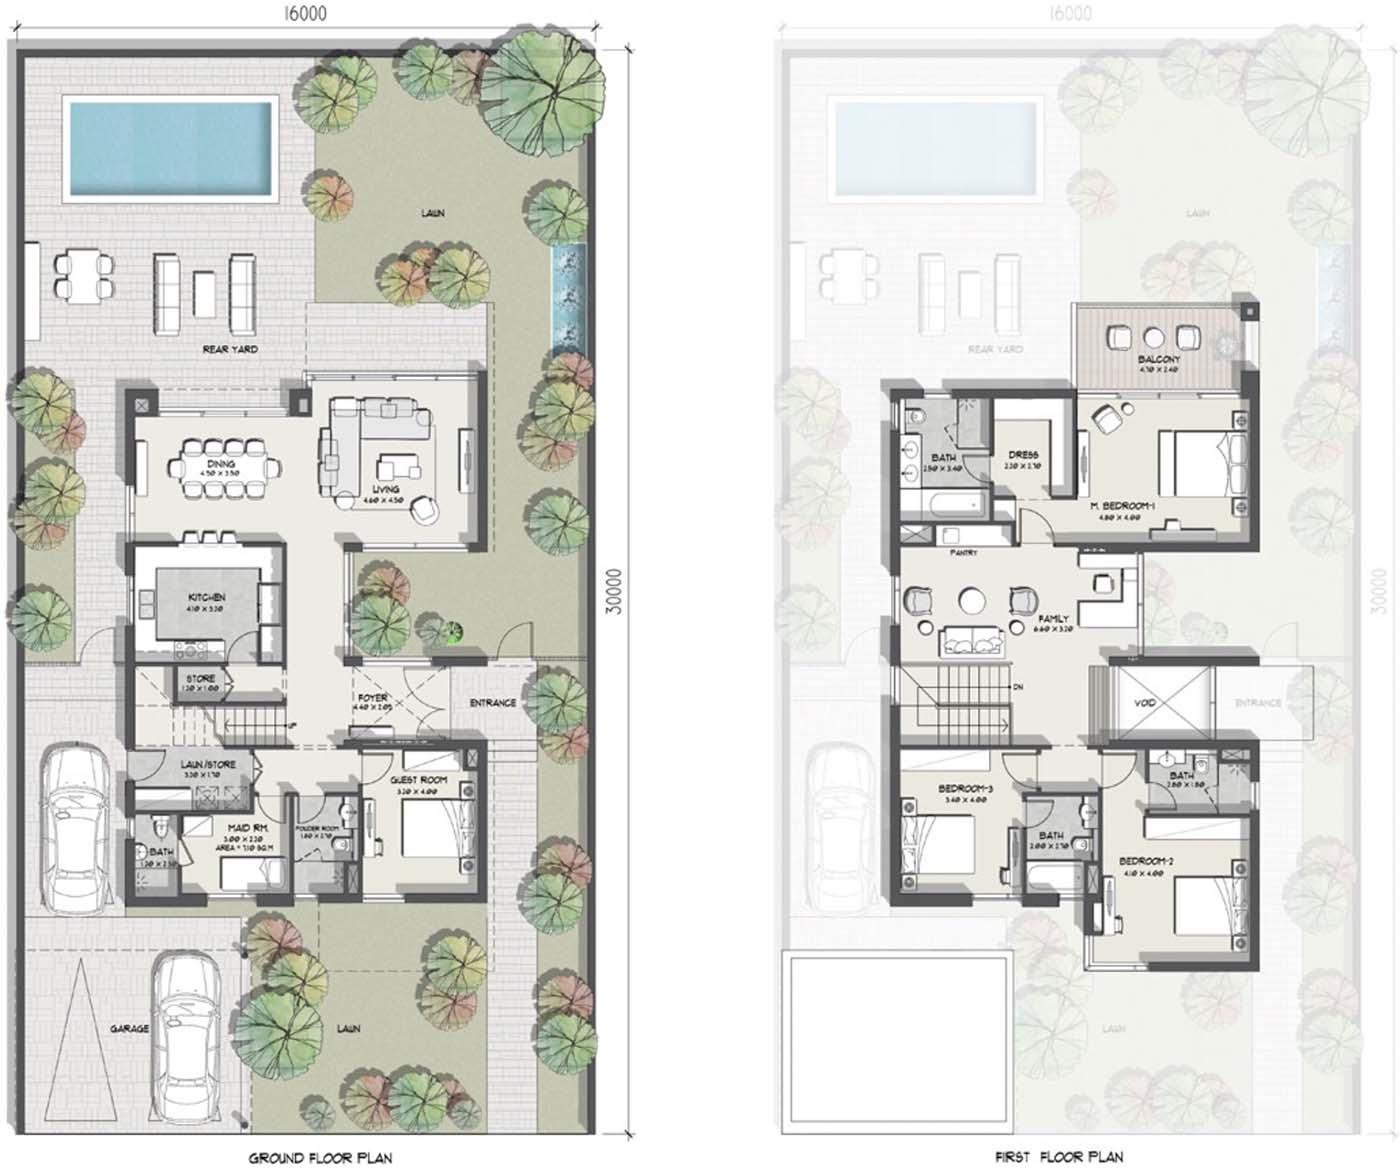 فلل فخمة مستقلة ٤ و ٥ غرف نوم